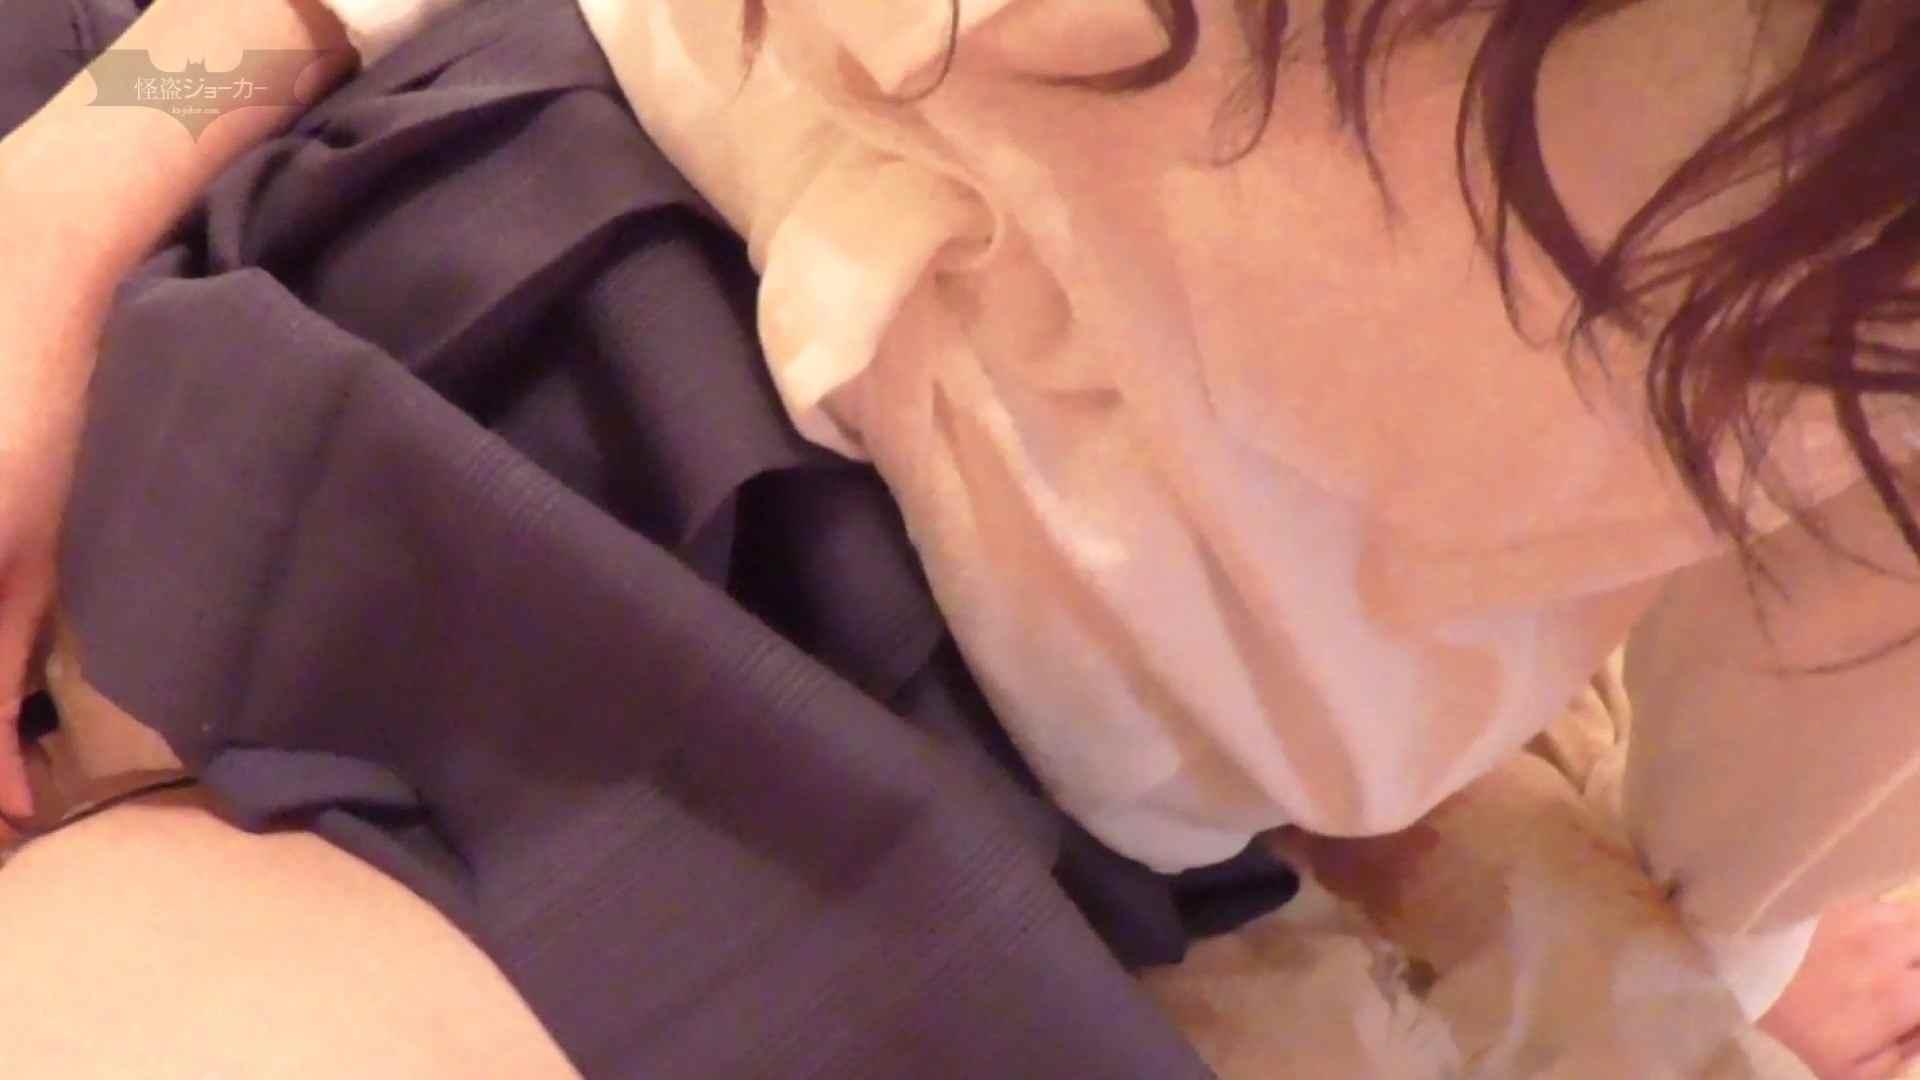 パンツを売る女 Vol.18 最近のSEIFUKUは話が早いっ!舐めるの上手いっ 細身女性 おめこ無修正動画無料 71画像 28